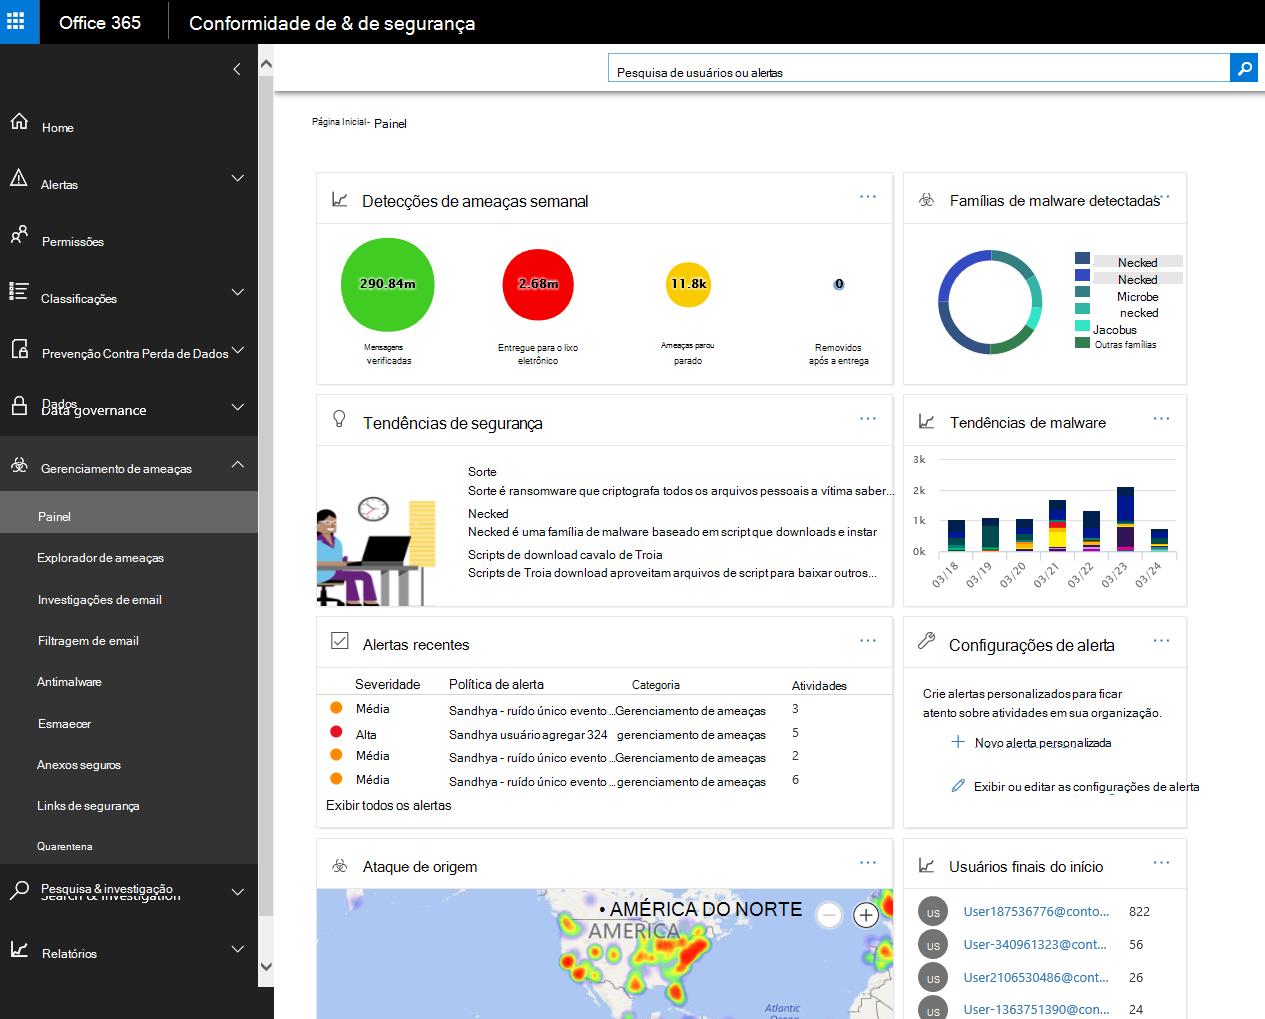 Captura de tela de gráficos e diagramas para resumo do painel de inteligência de ameaças de ameaças específica locatário do Office 365